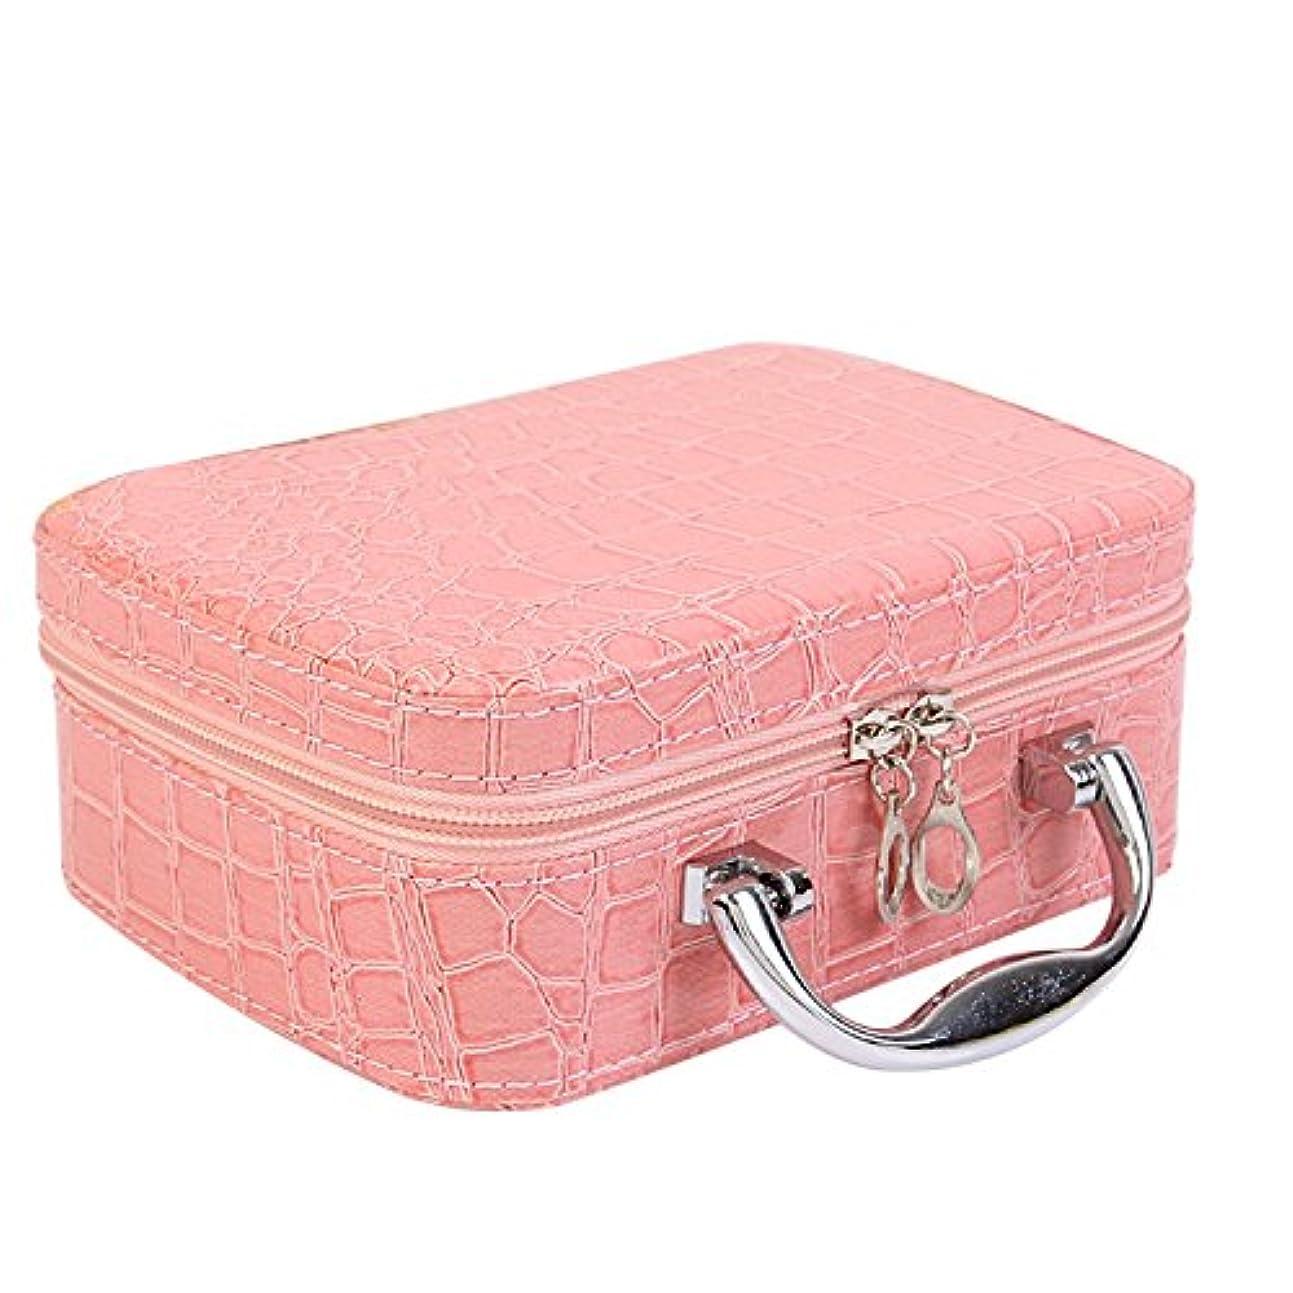 小麦粉ランタン独立したゴシレ Gosear PU レザー 化粧品 メイク ボックス ケース 化粧品 ハンドバッグ ミラー クロコダイル パターン ピンク